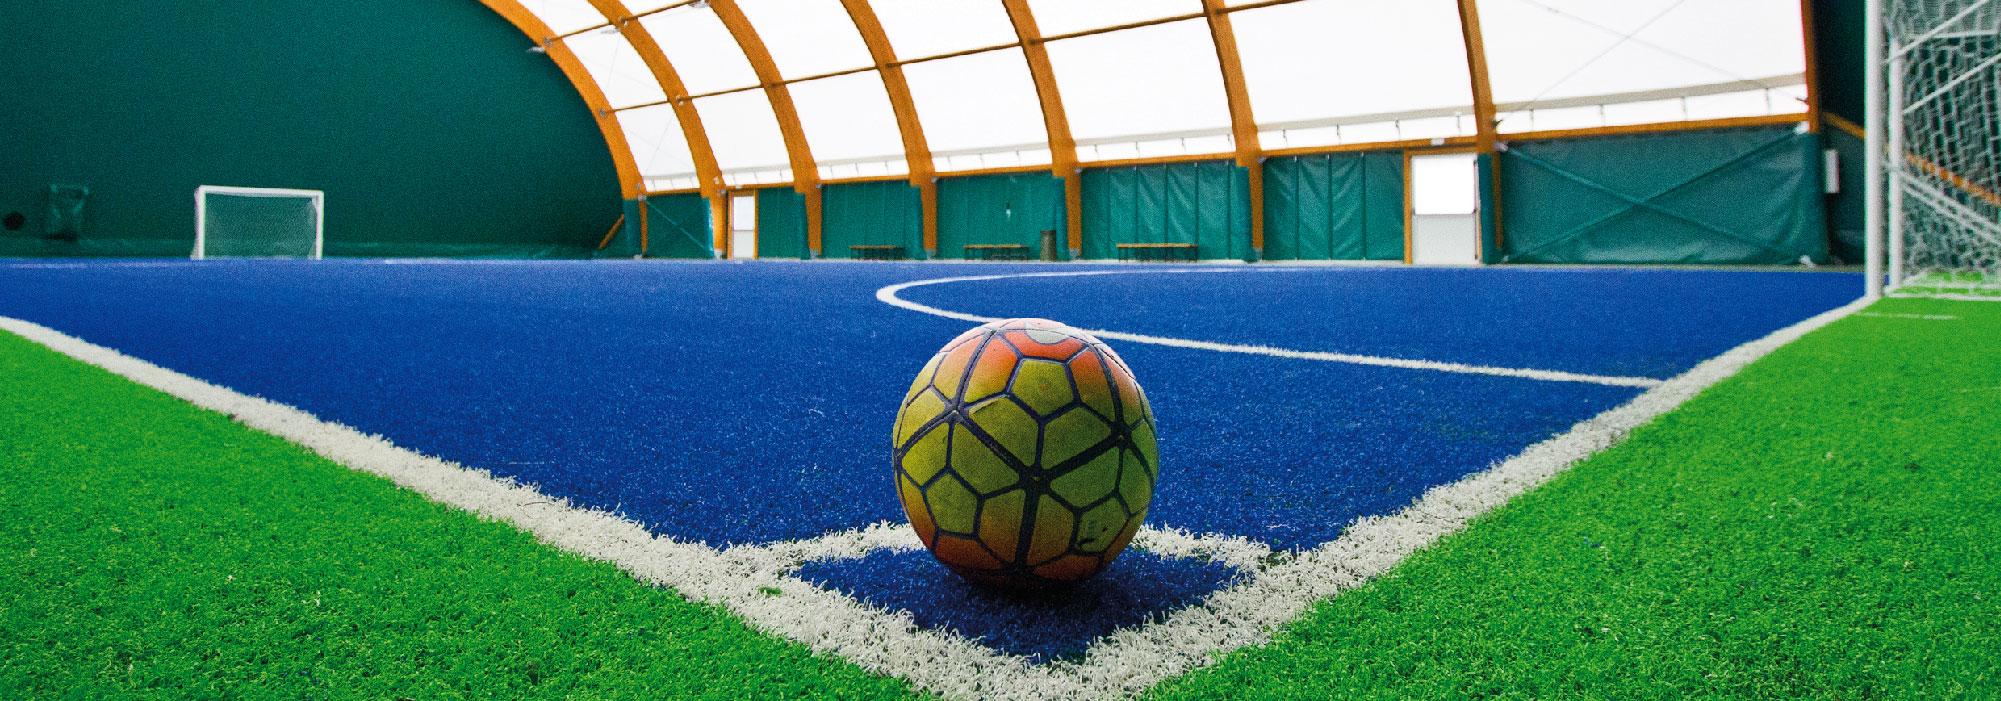 Impianti sportivi realizzati